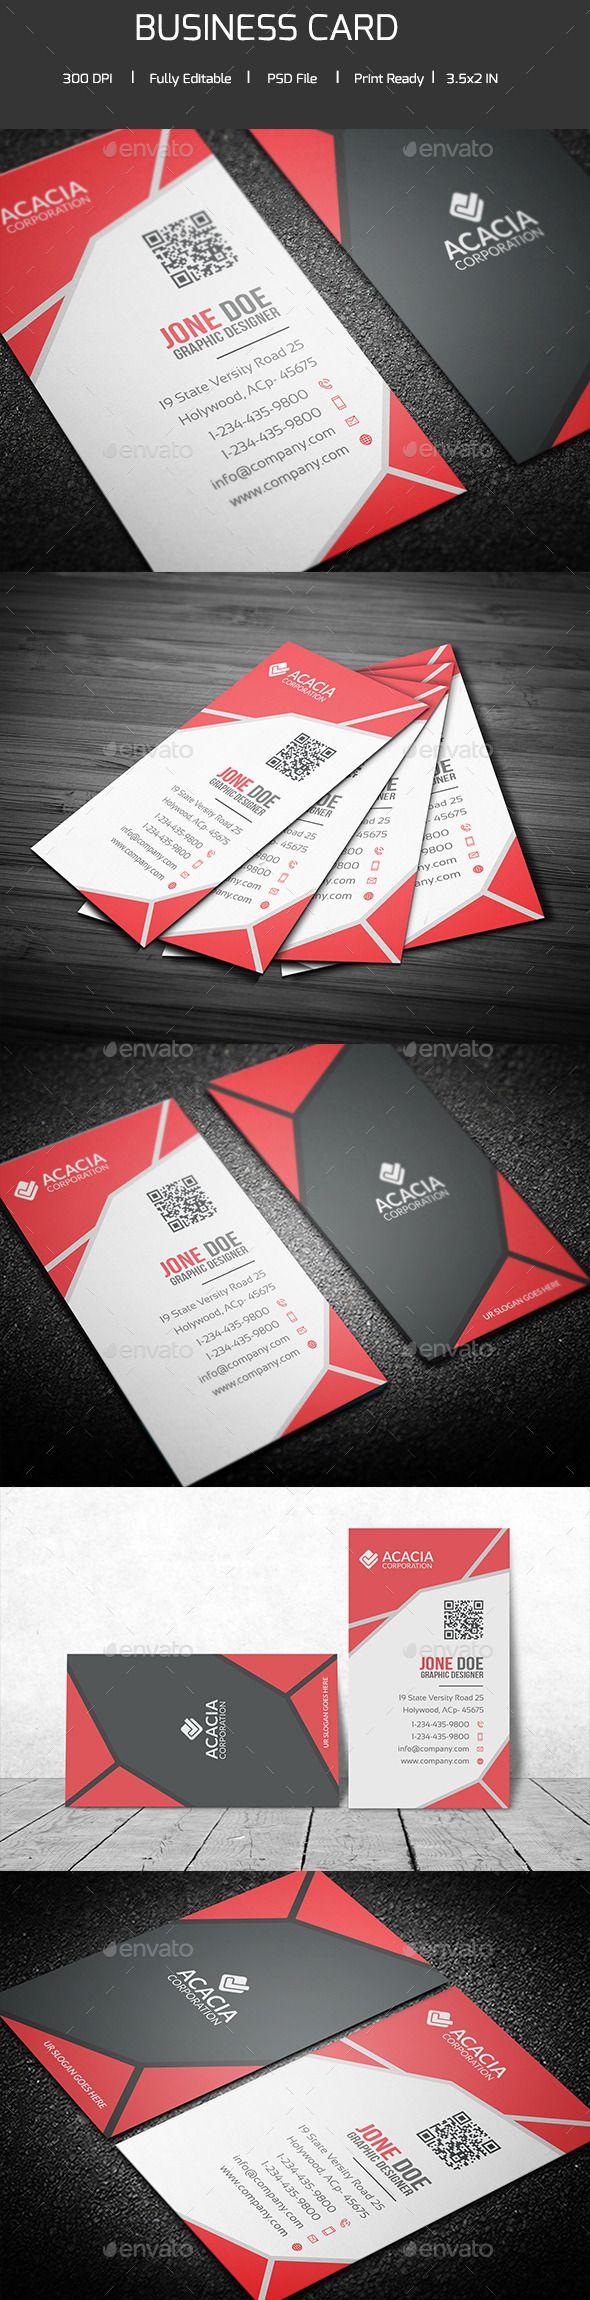 the 25 best vertical business cards ideas on pinterest modern